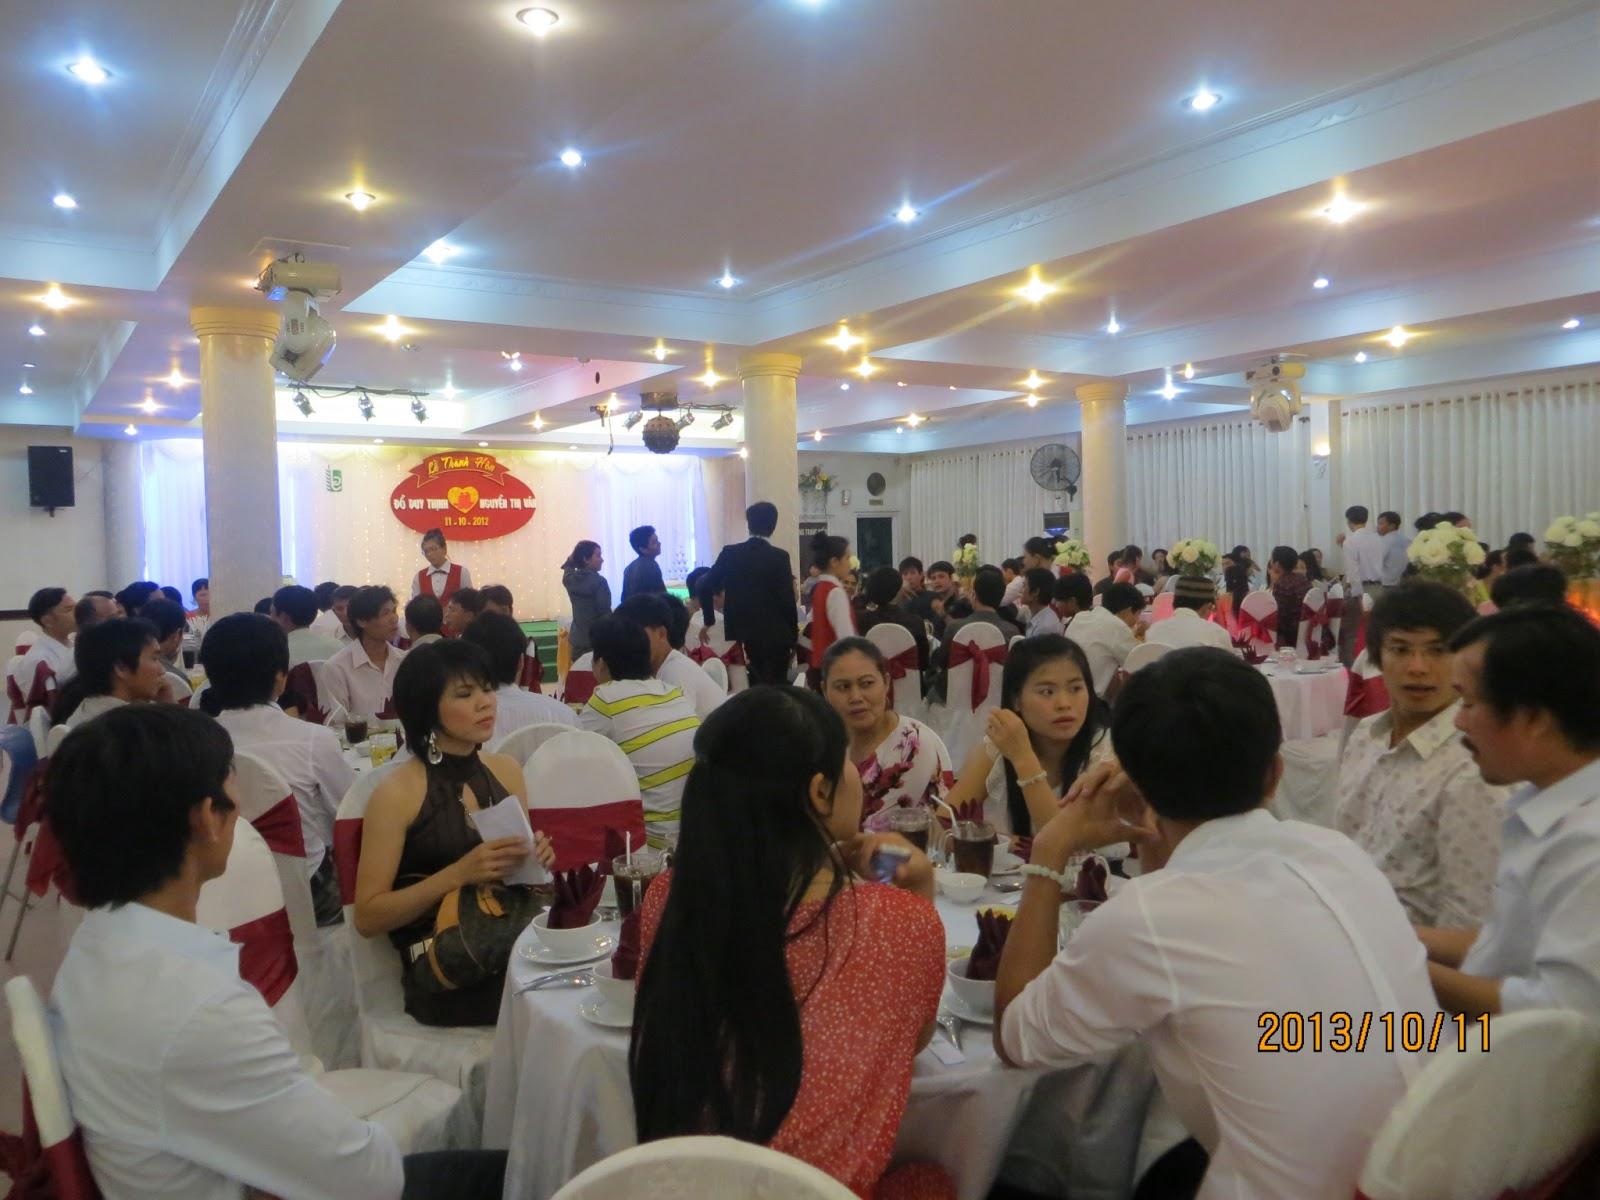 Nhà hàng chuyên tổ chức tiệc cưới, hội nghị, tiệc sinh nhật, tiệc thôi nôi chuyên